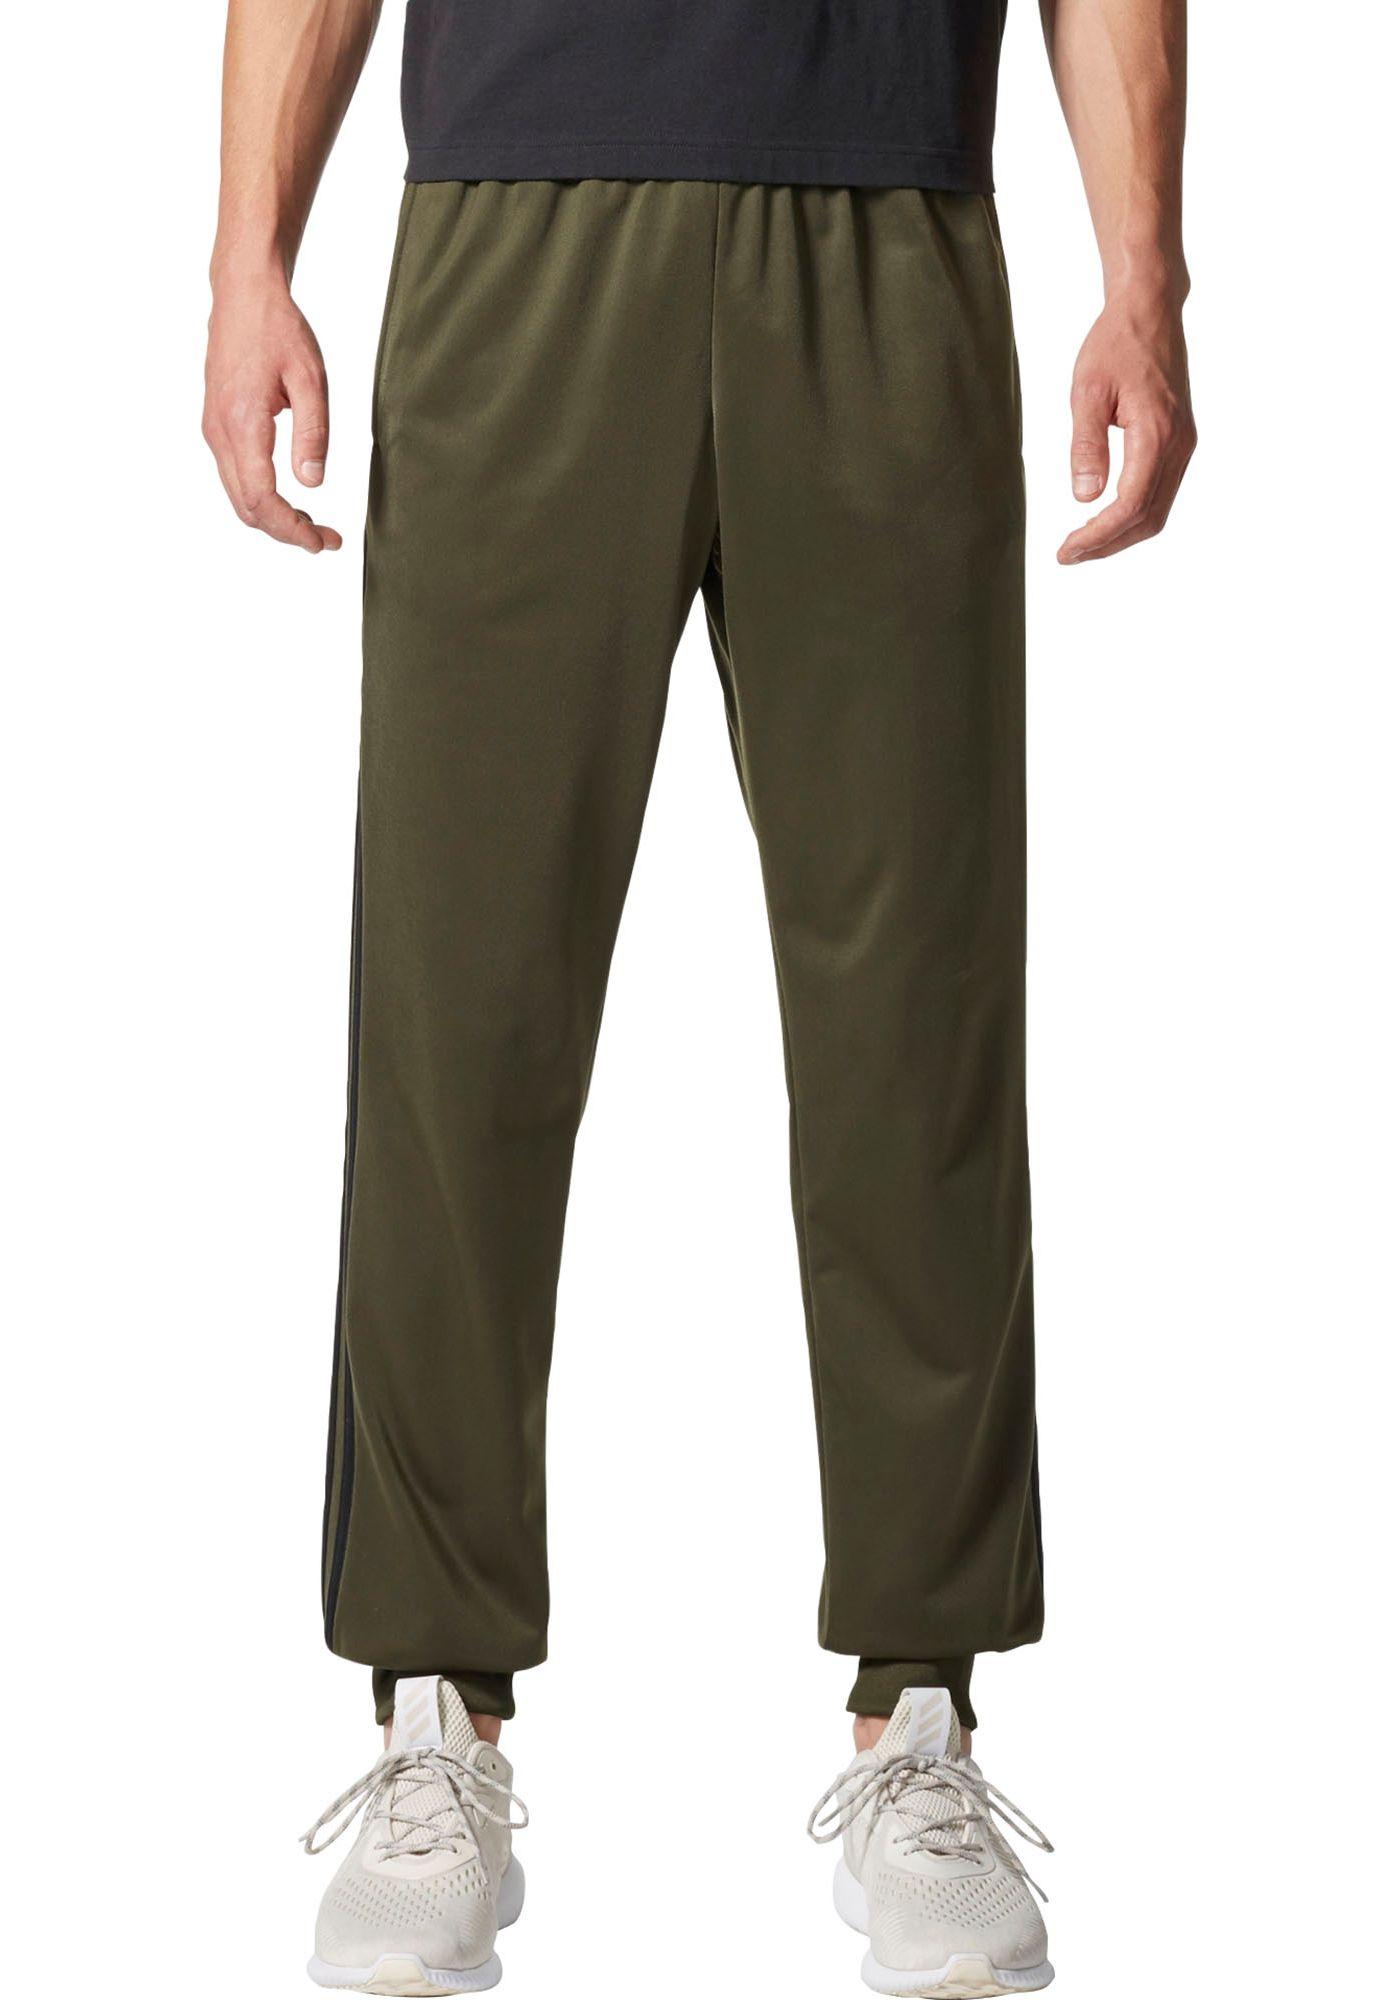 adidas Men's Essentials 3-Stripes Jogger